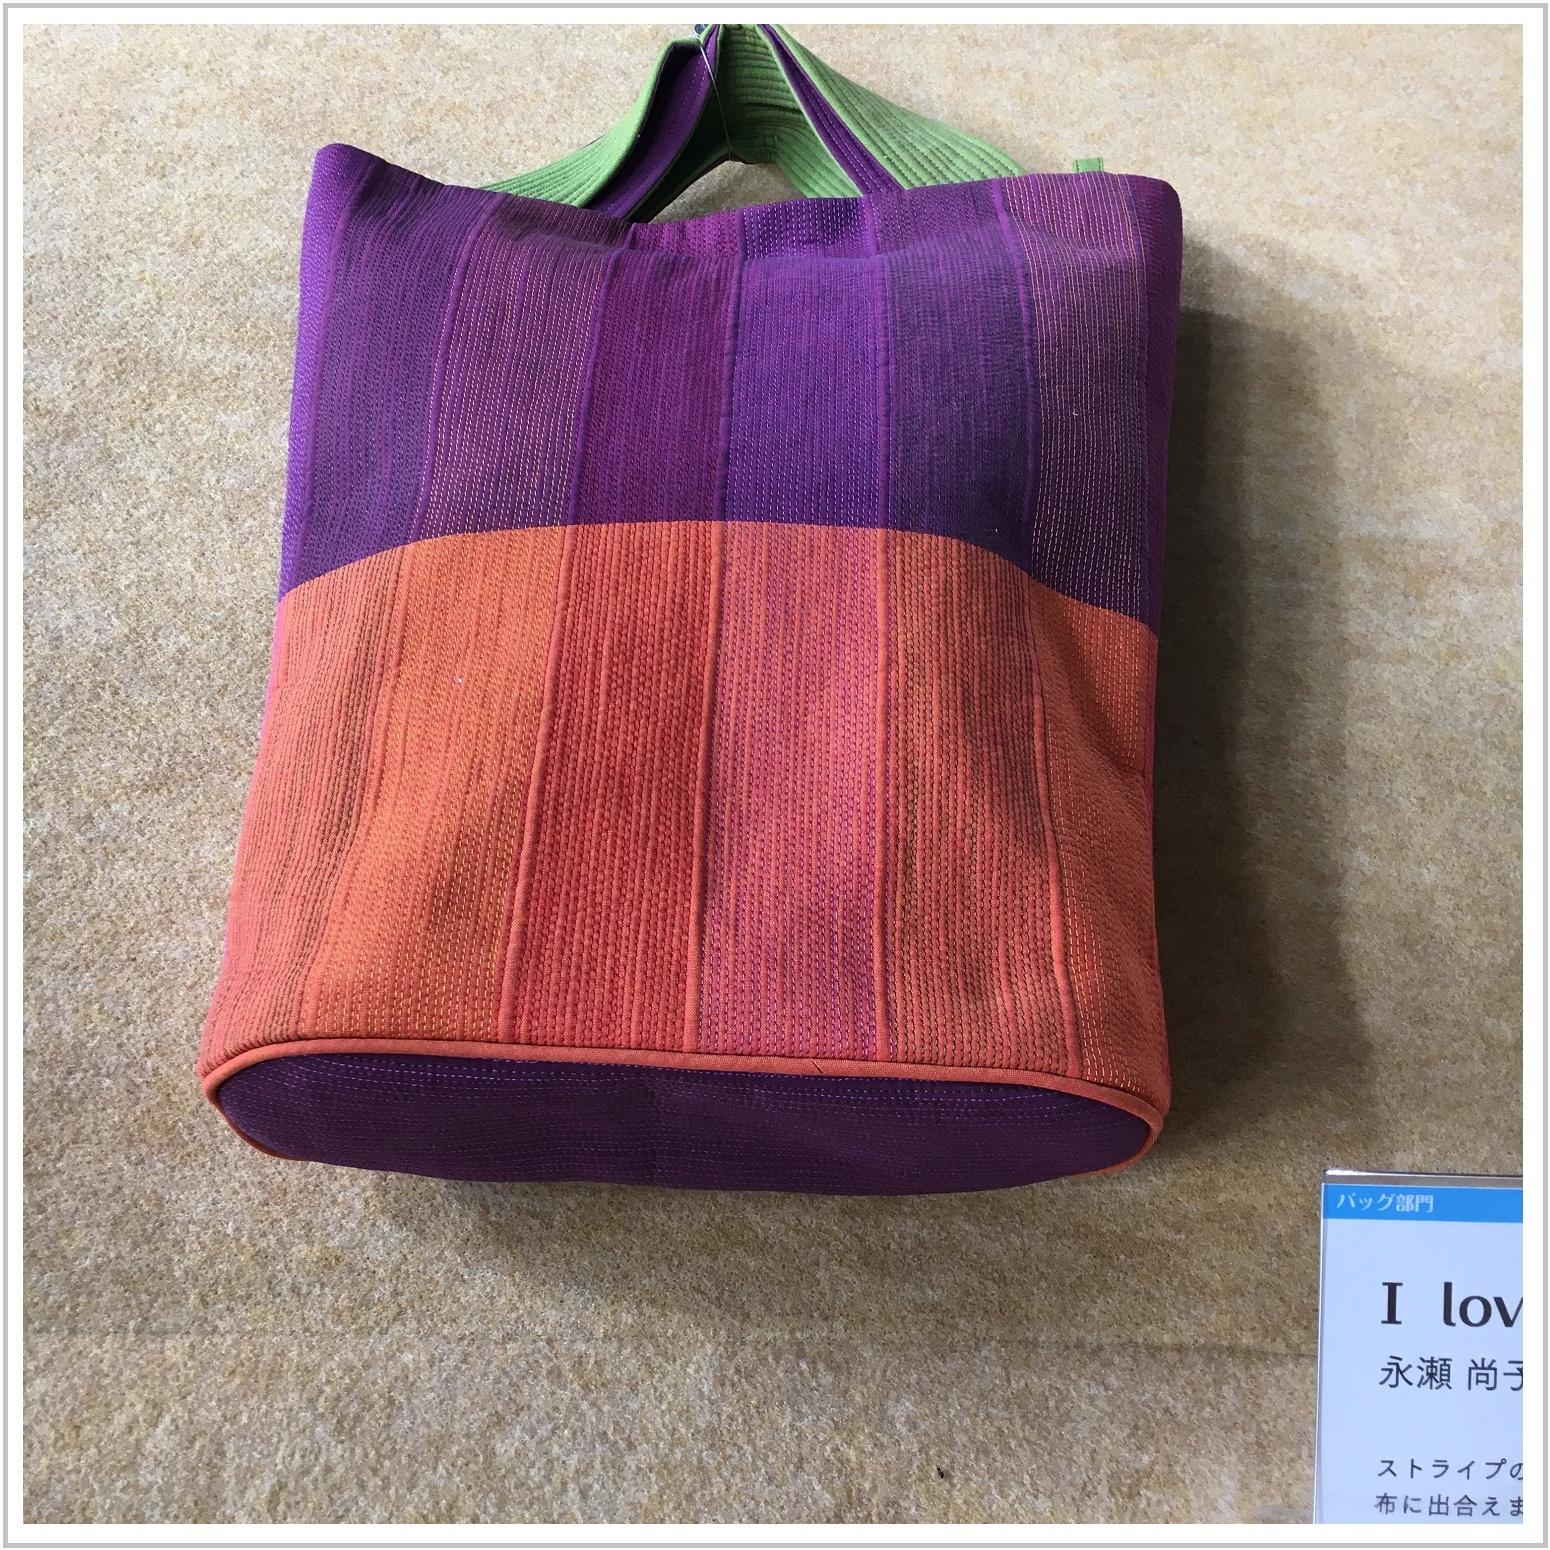 bags_3_202.jpg